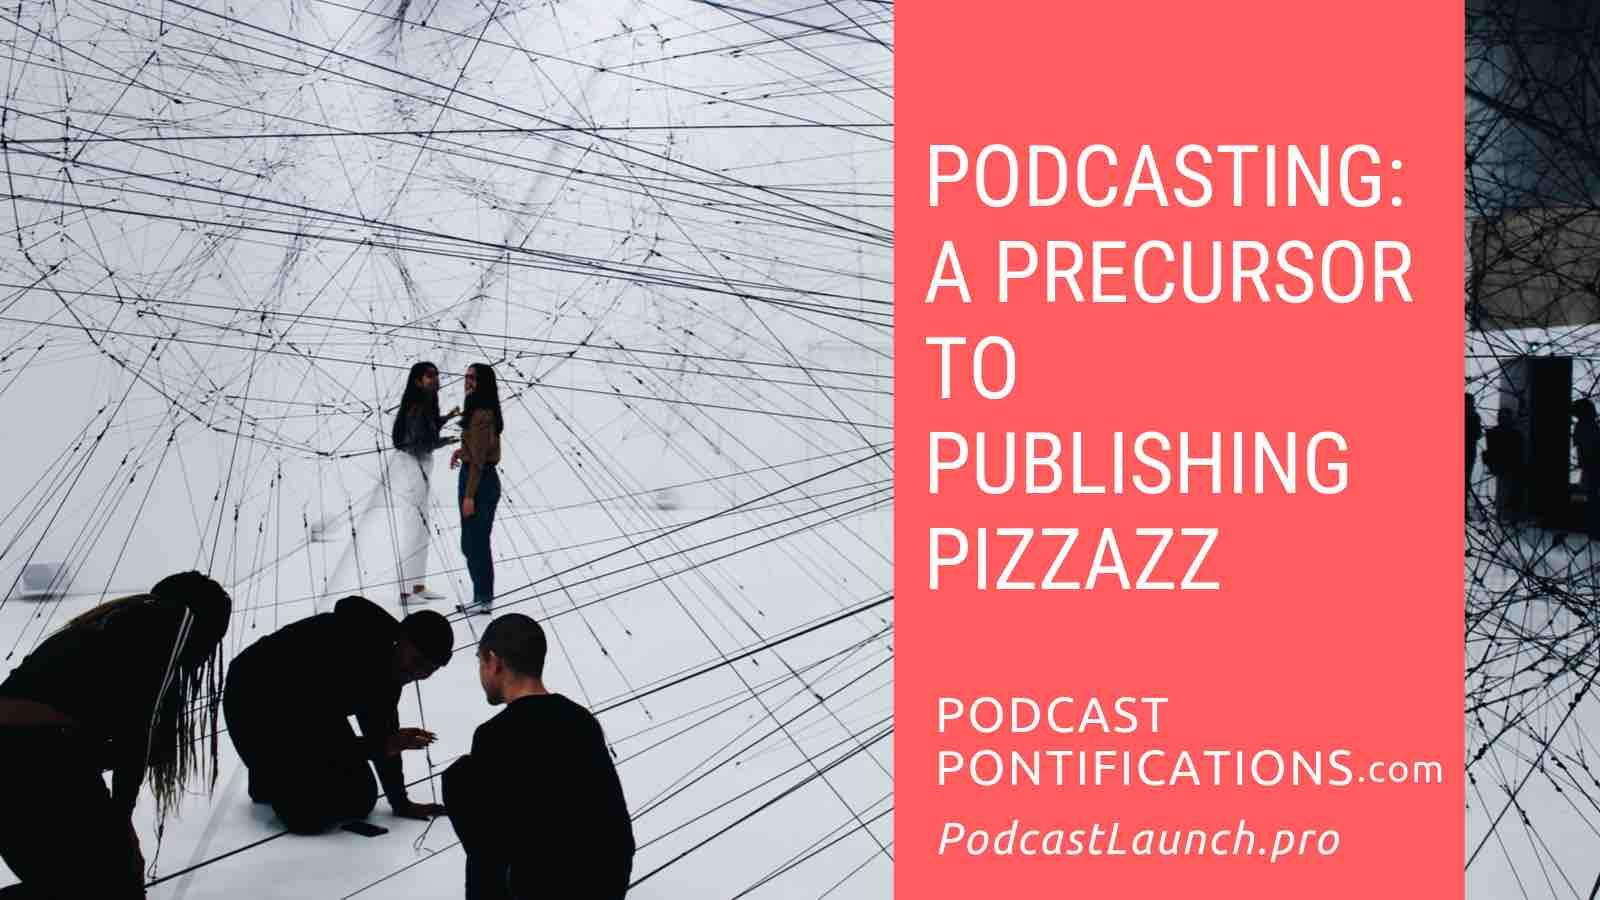 Podcasting: Precursor To Publishing Pizzazz